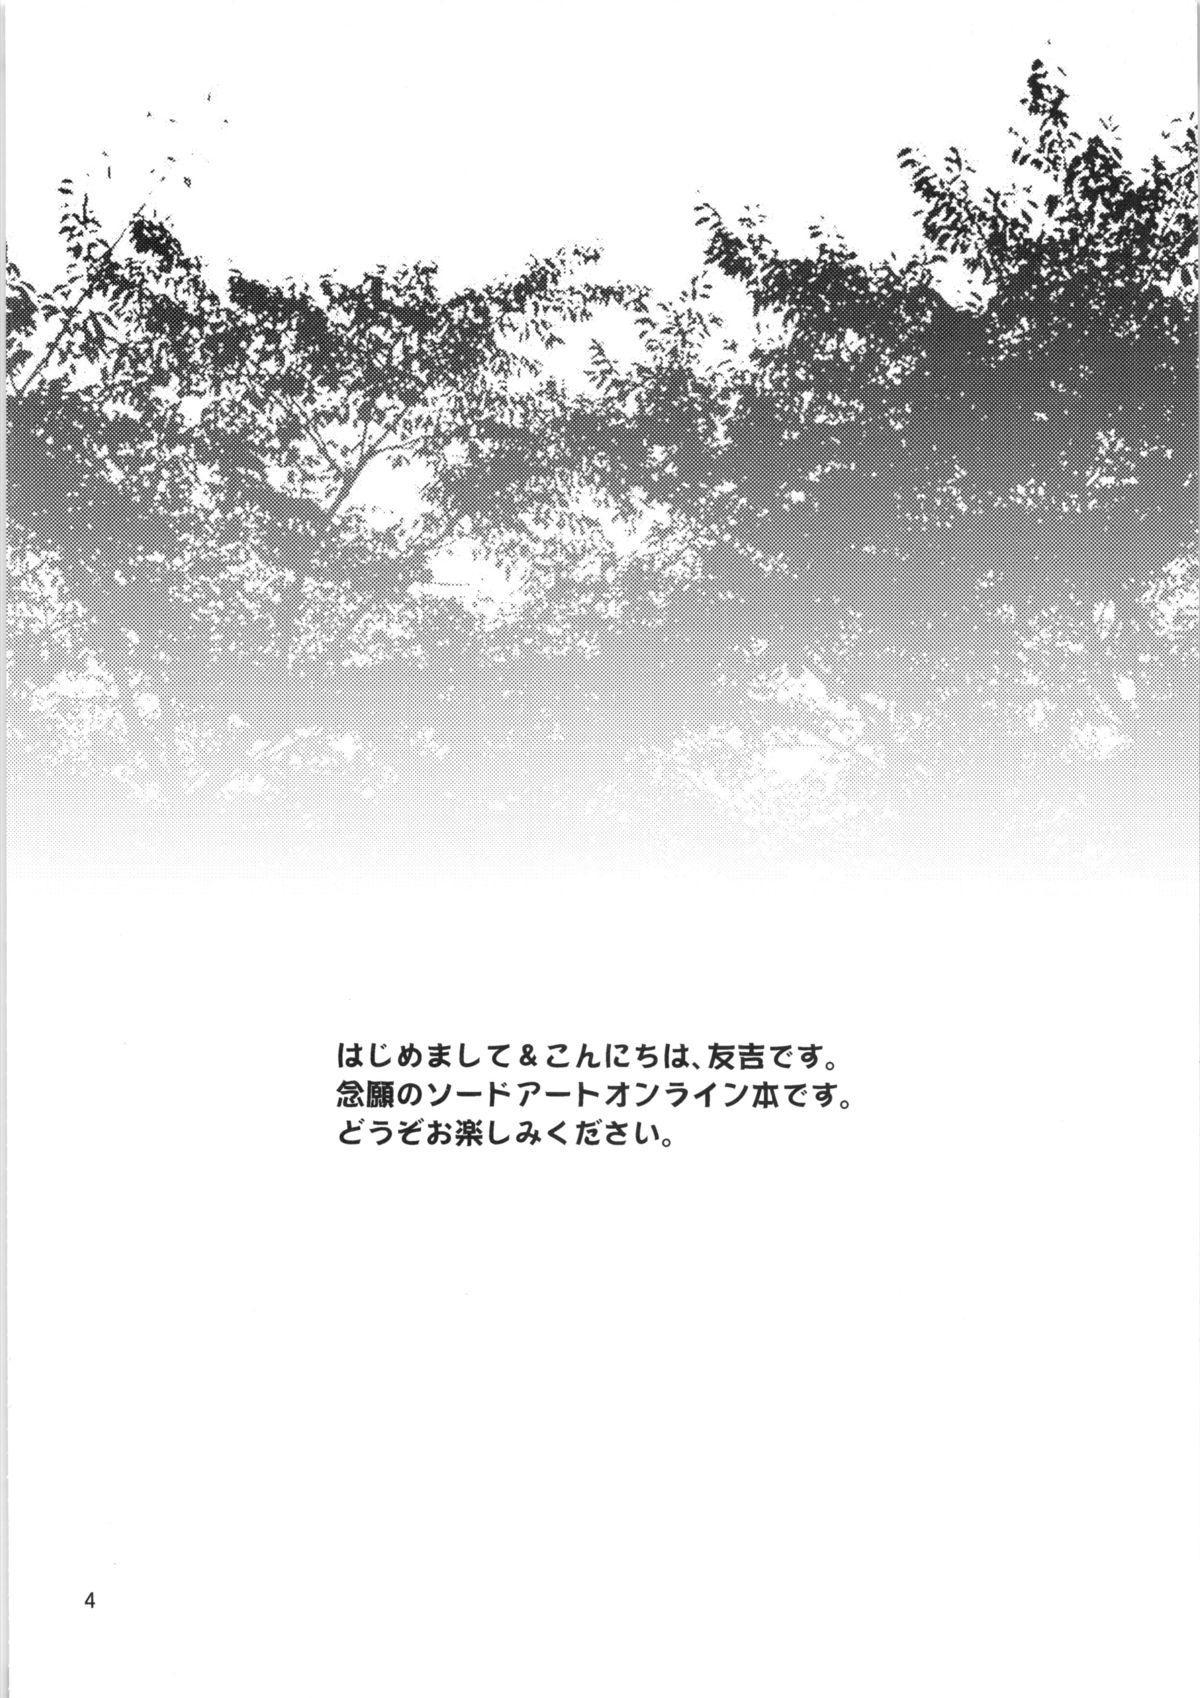 Zetsurin Kirito 2